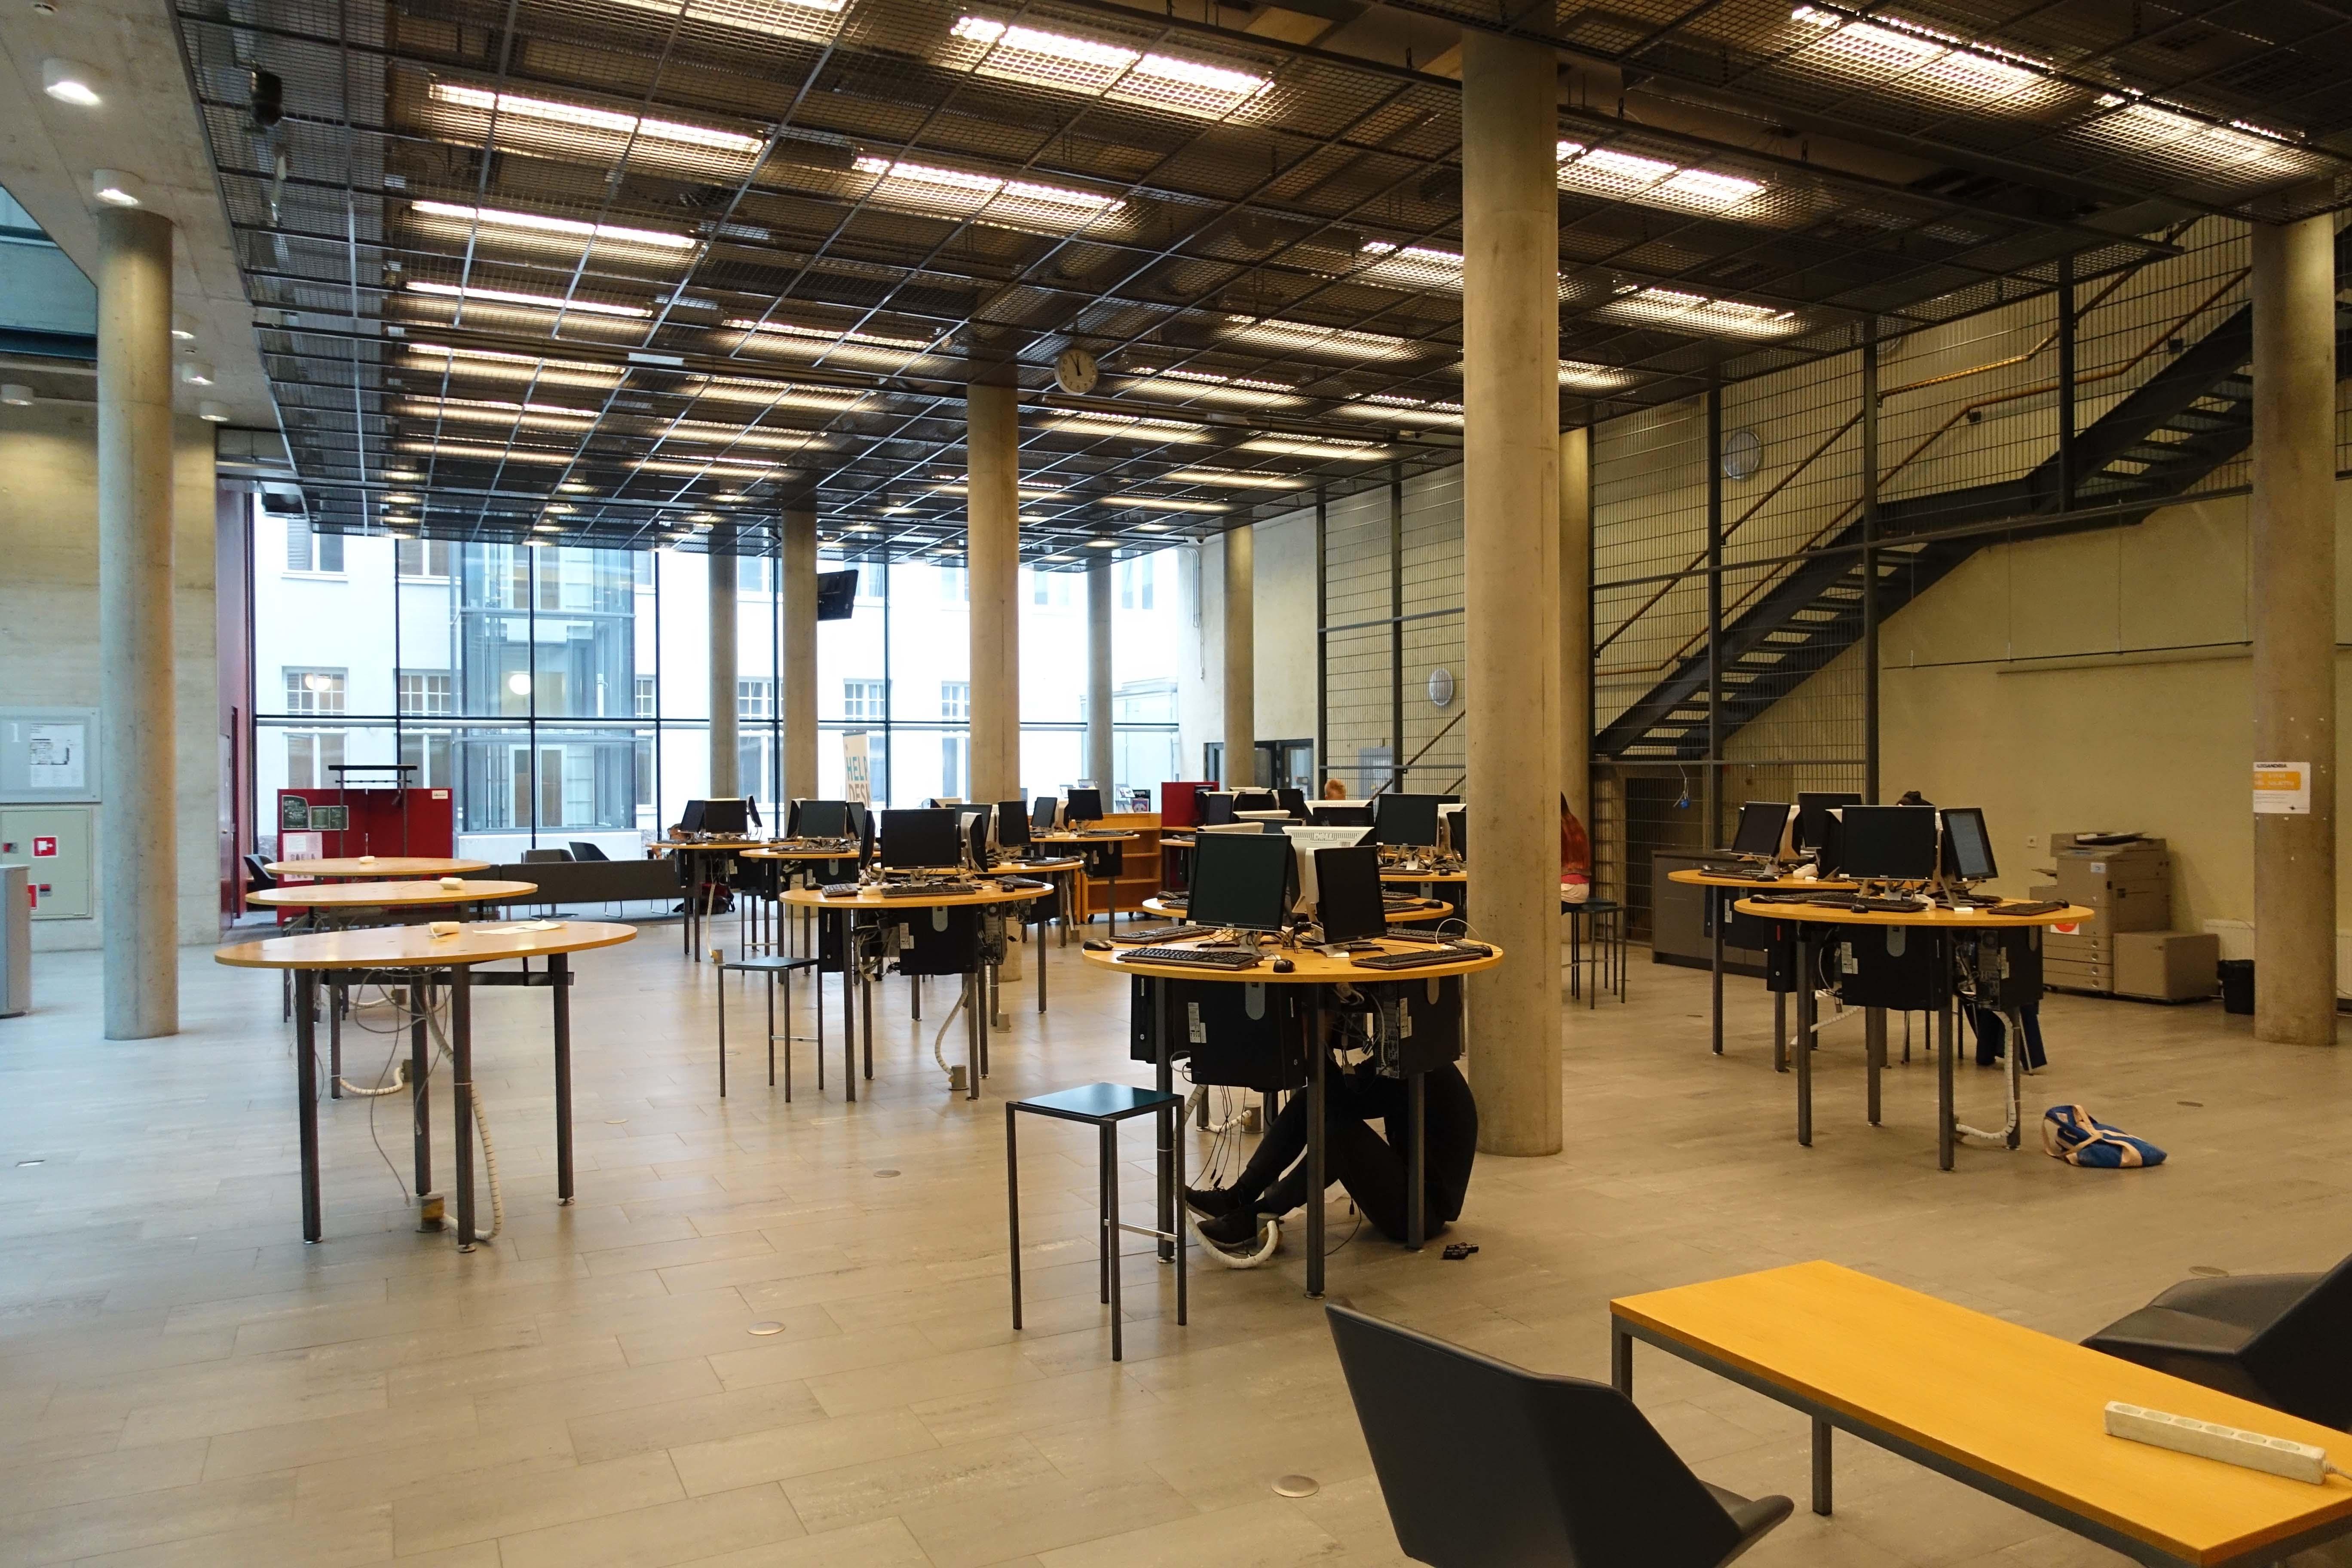 Oppimiskeskus Aleksandria 1